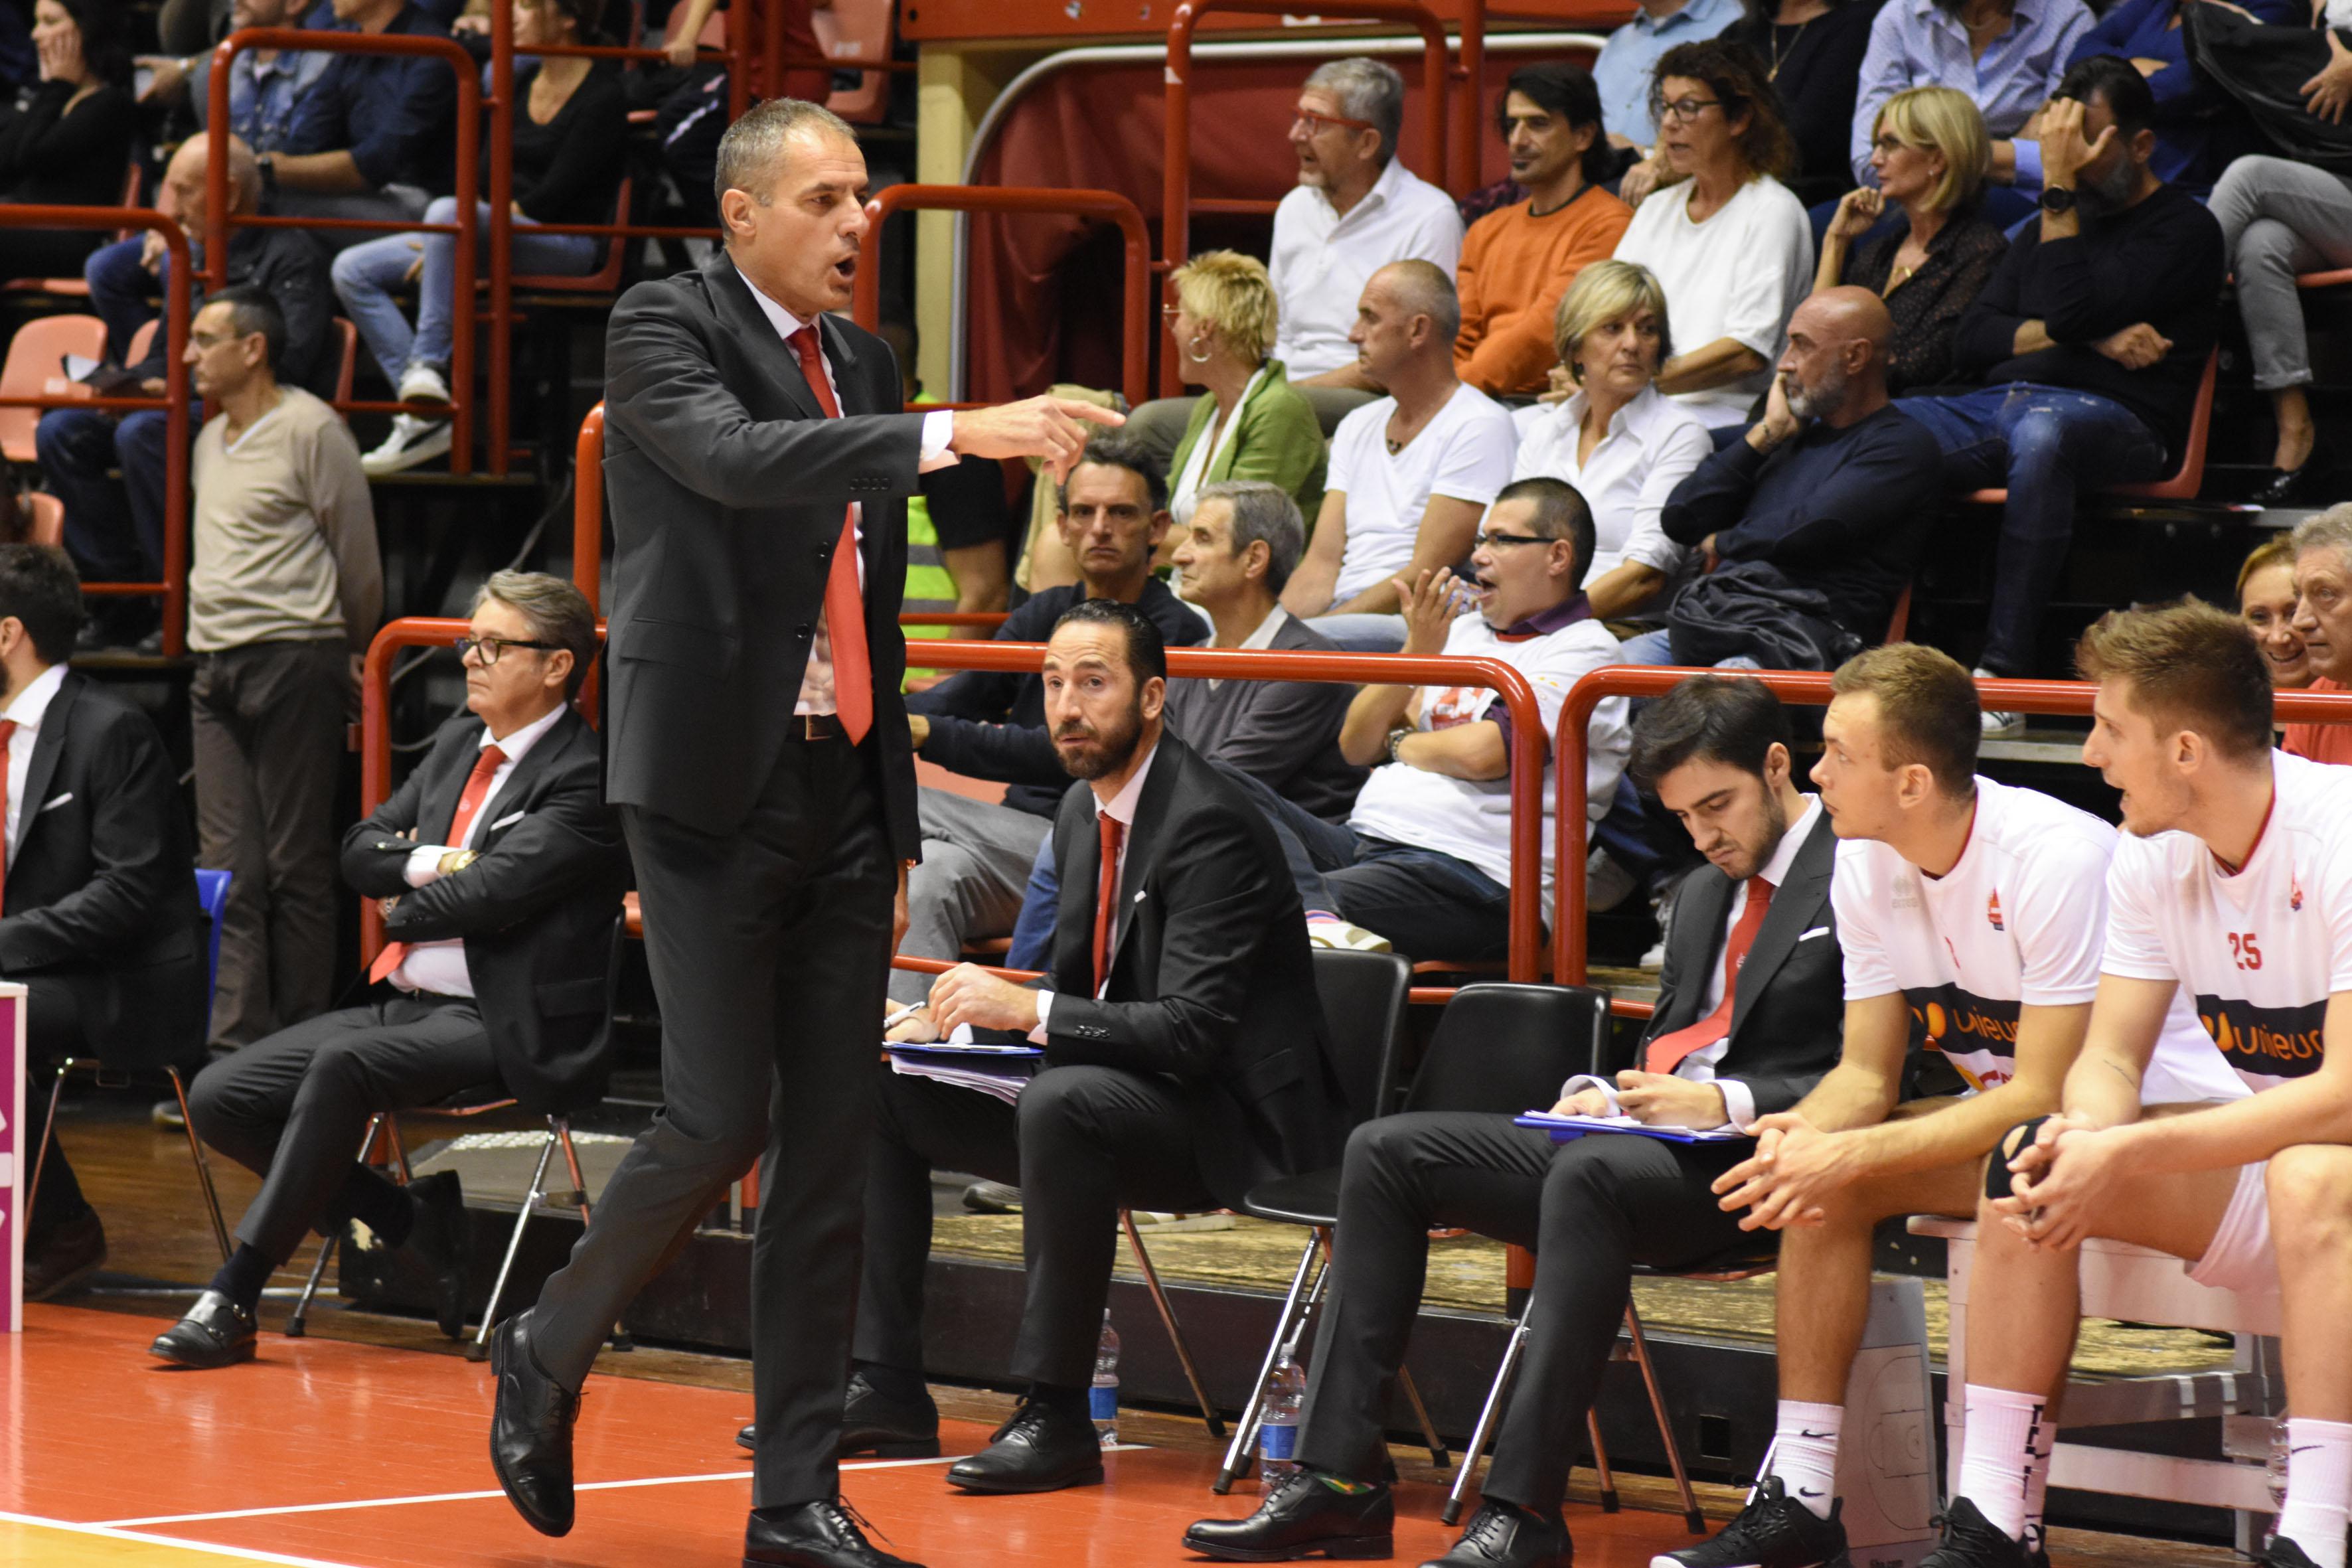 Basket, Unieuro multata per i cori contro Lawson